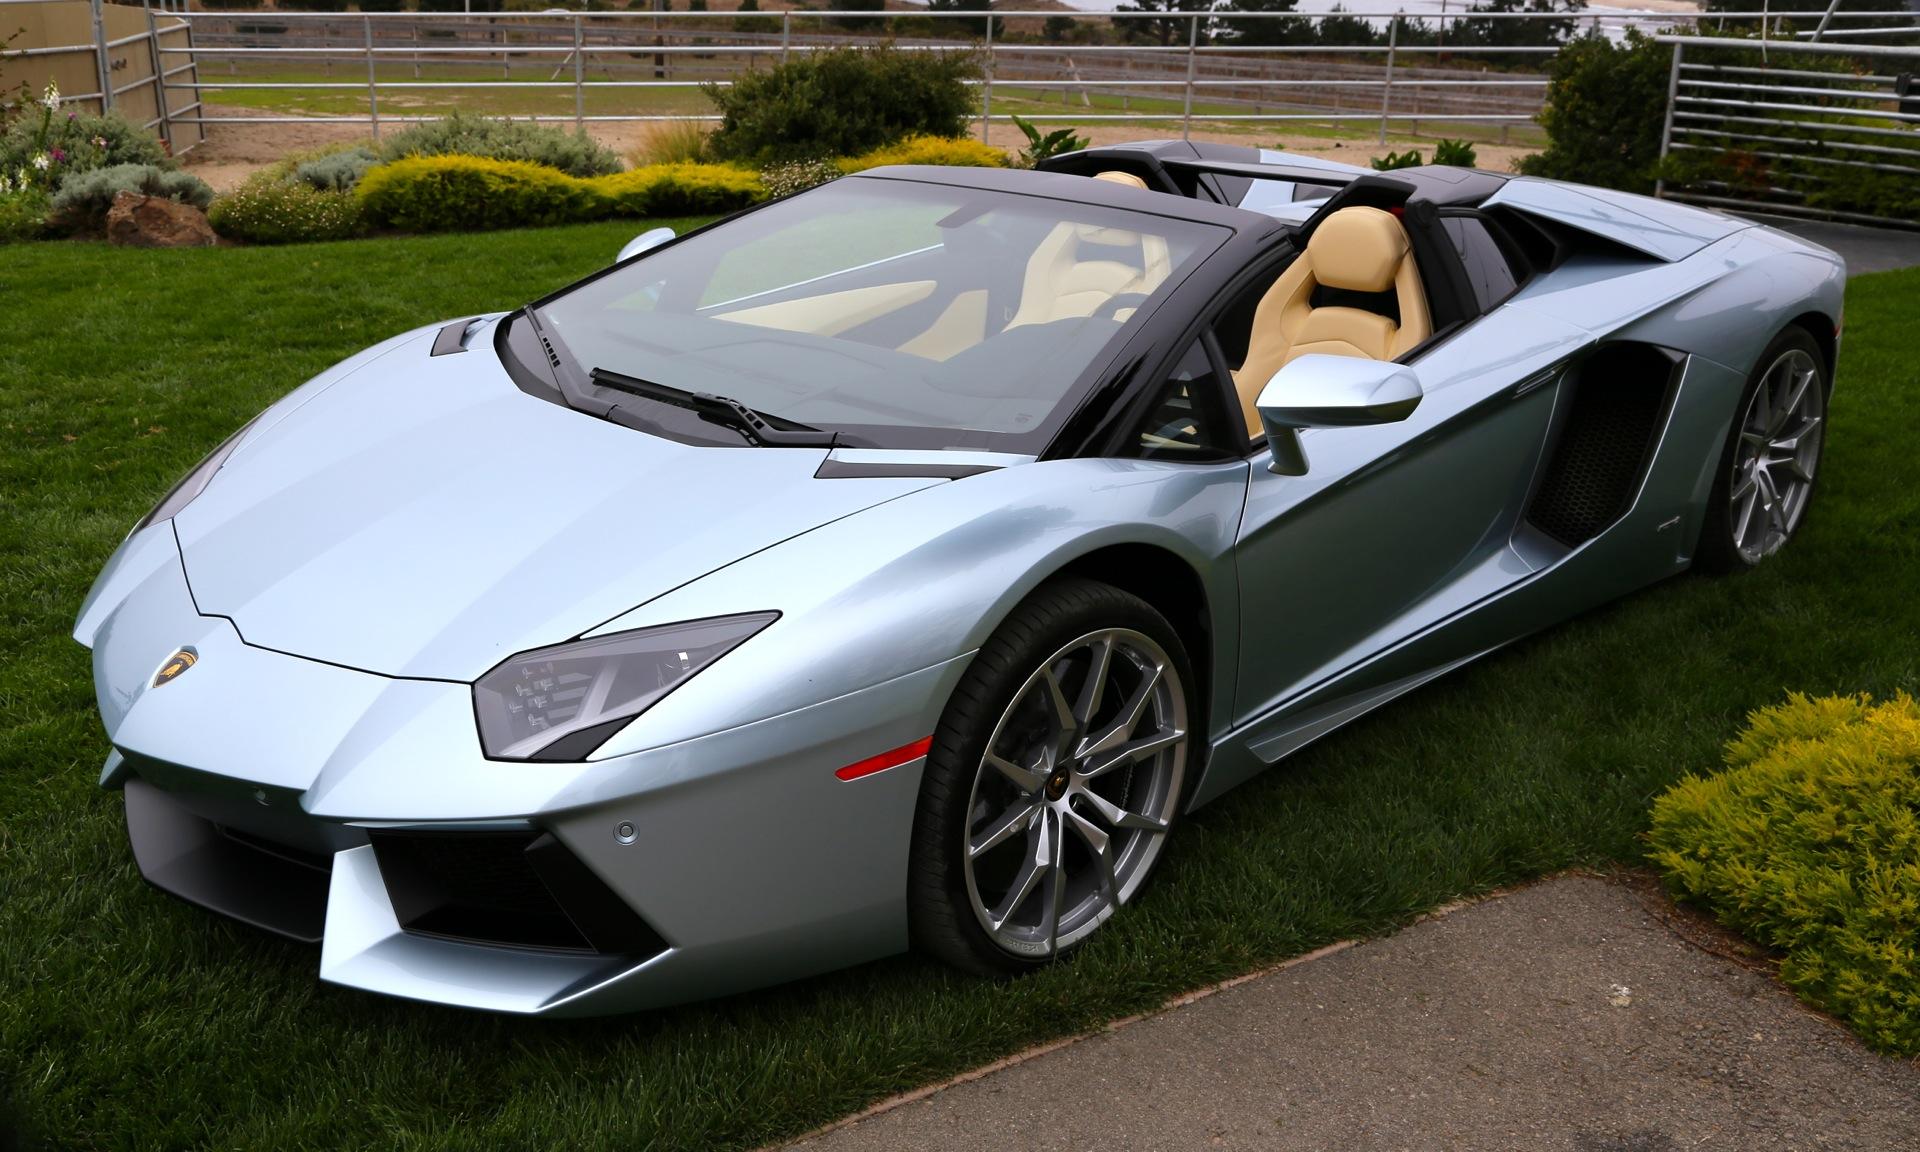 Dubai Penthouse Comes With Free Lamborghini Aventador